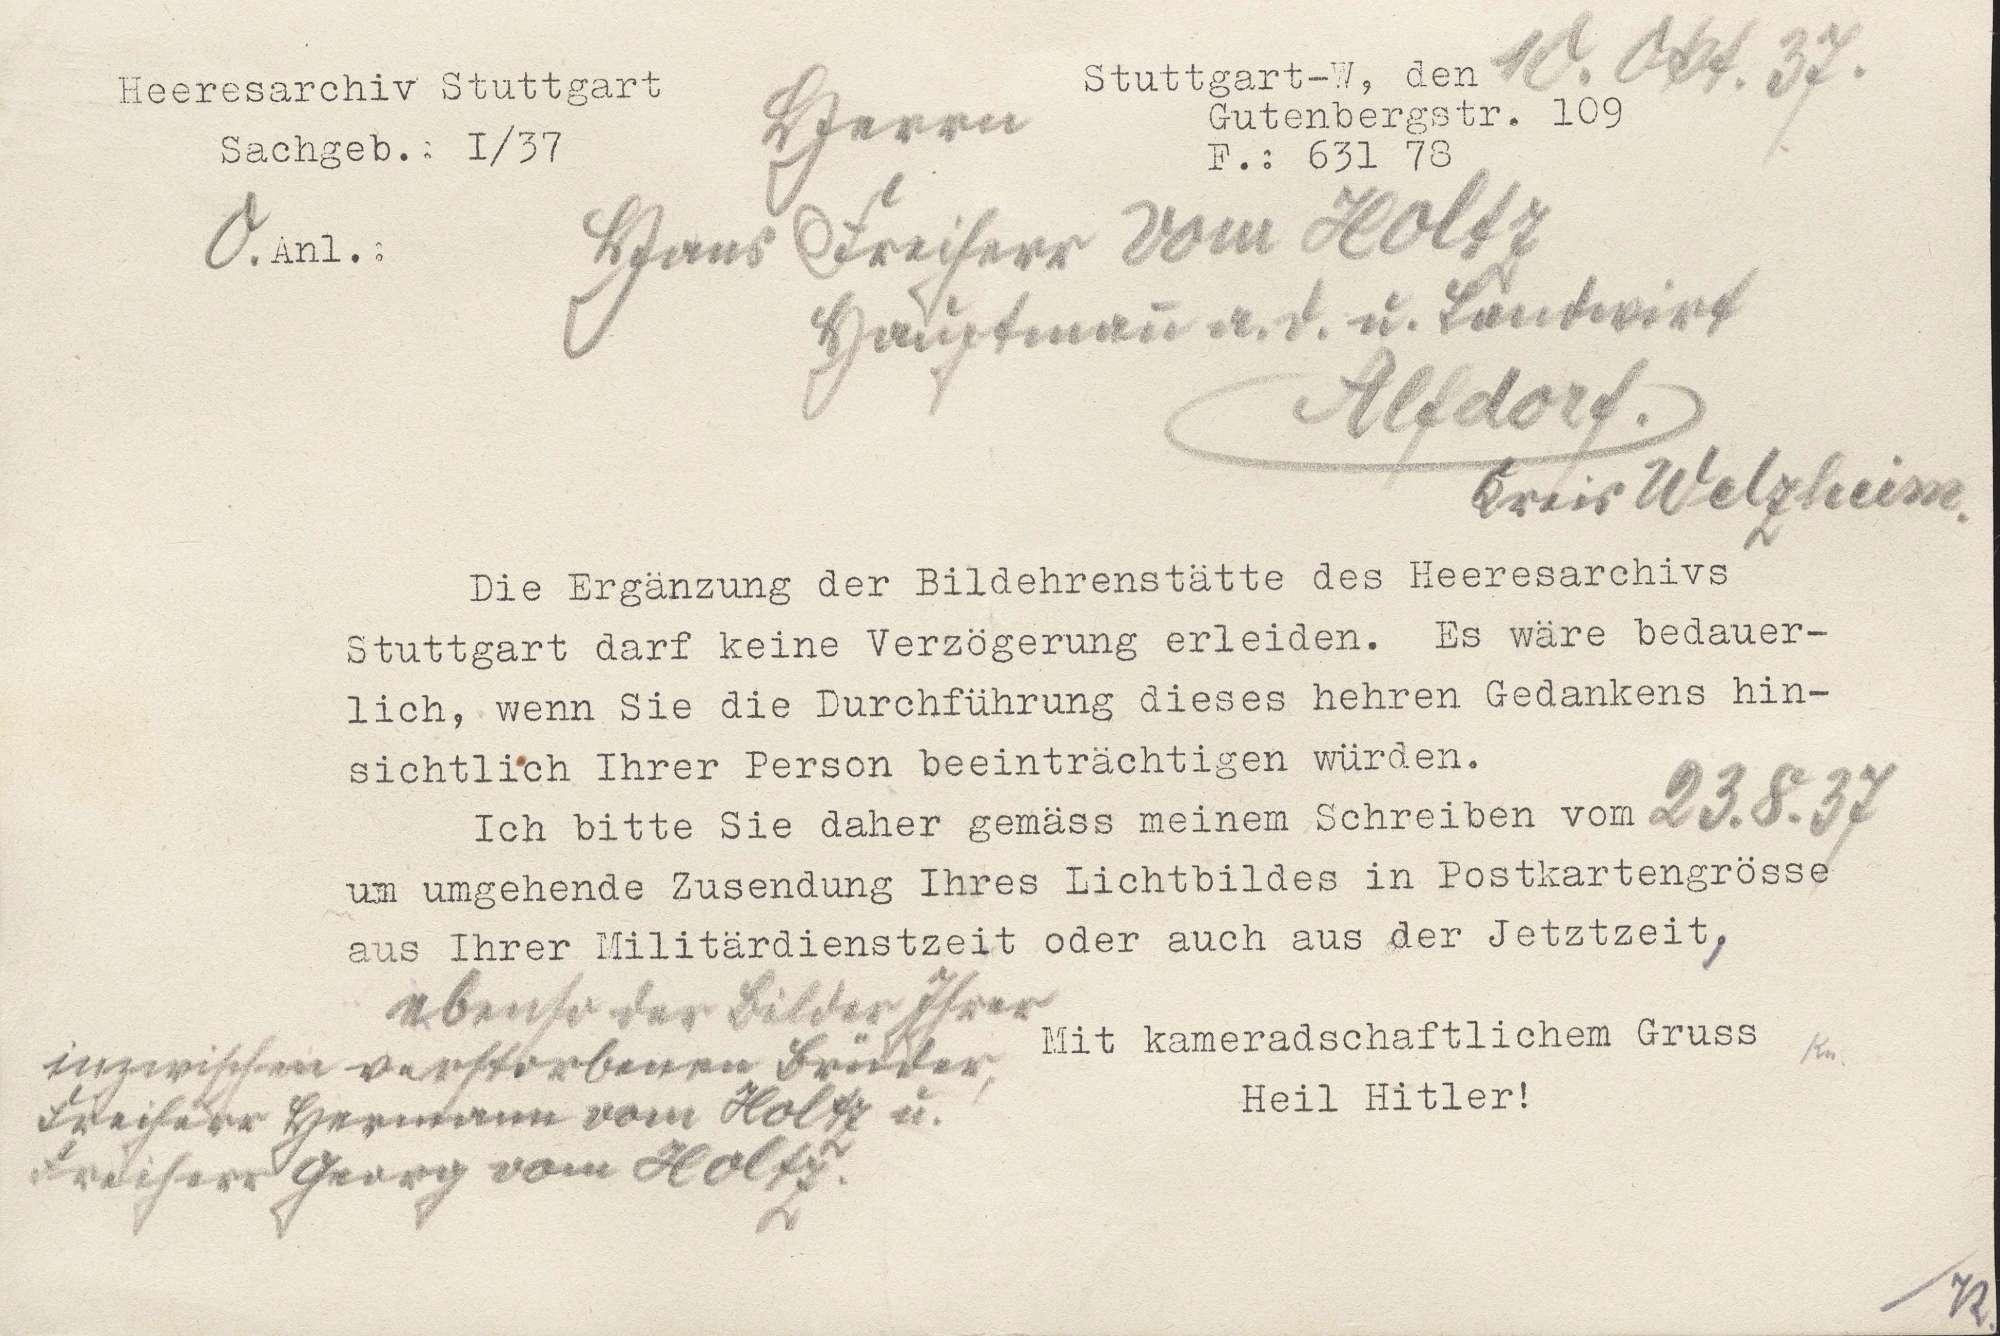 Holtz, Hans vom, Freiherr, Bild 3